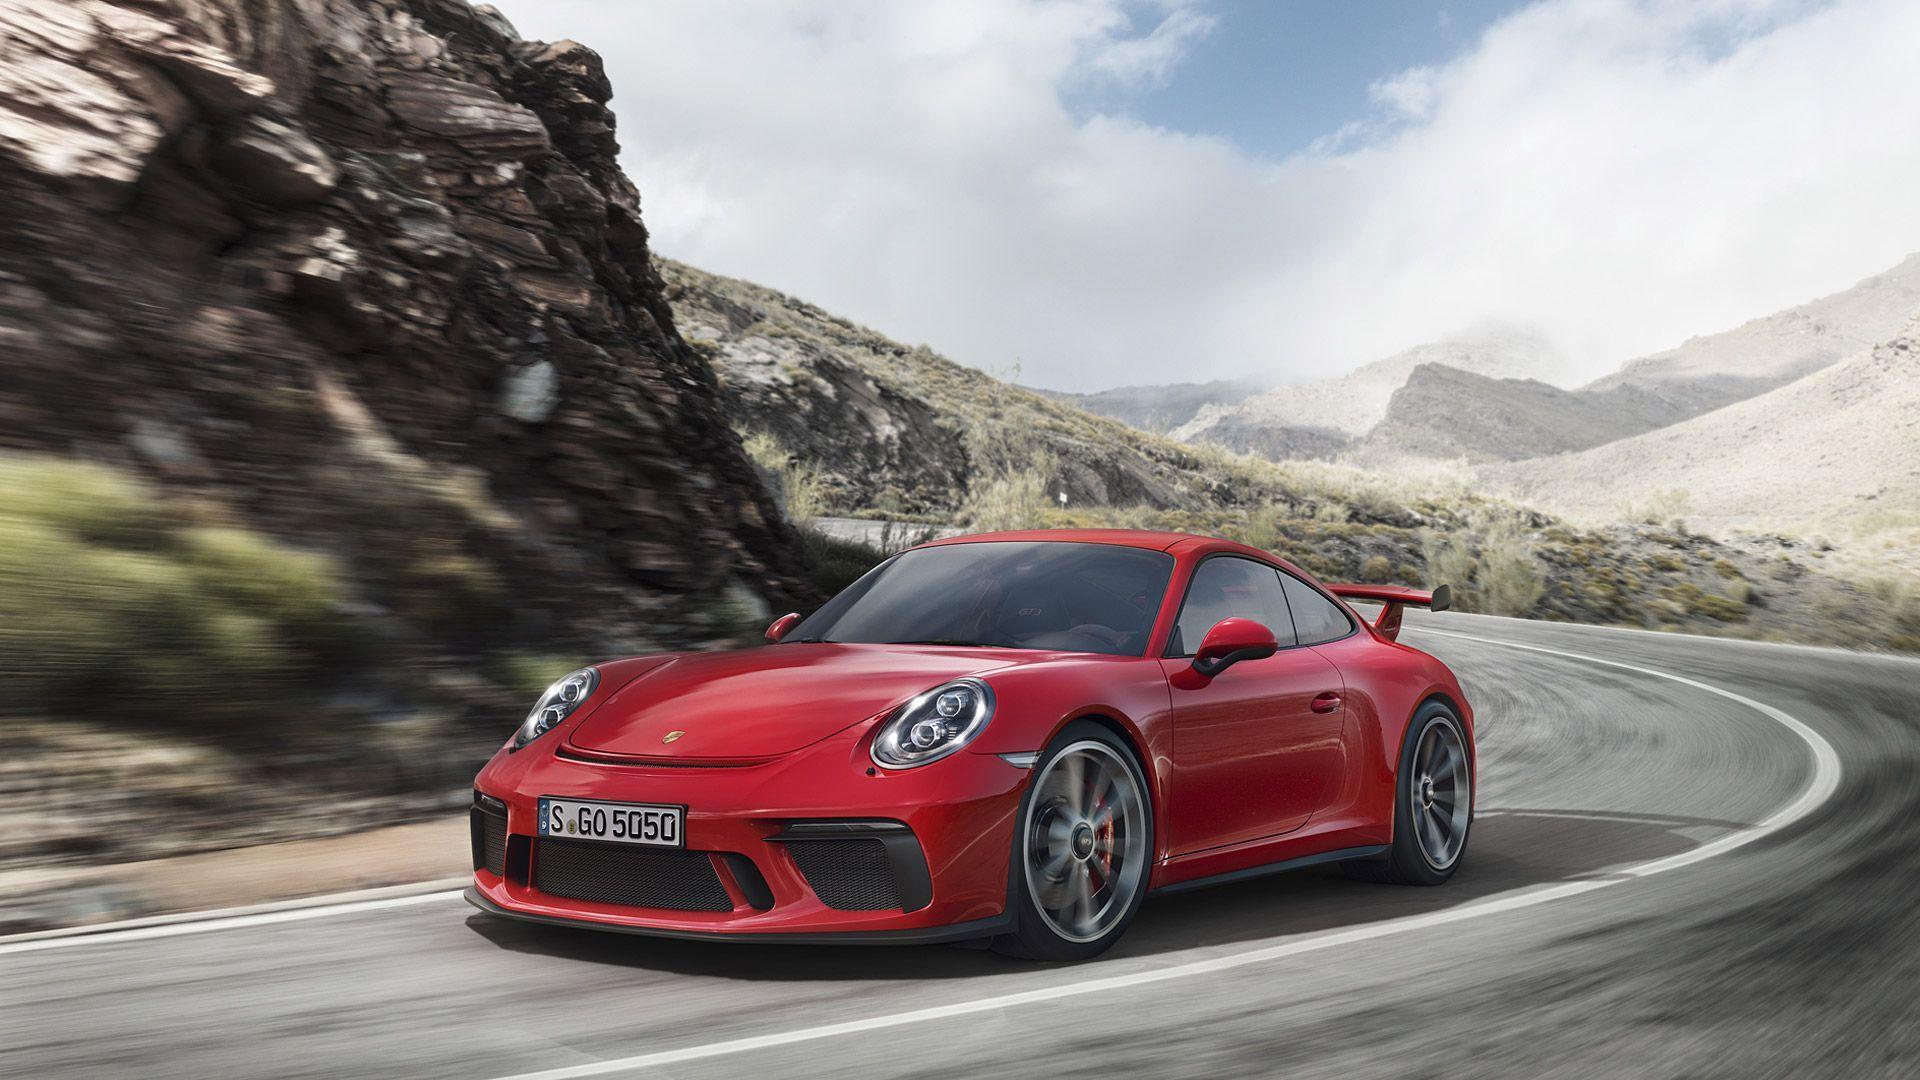 Porsche 911 Gt3 Wallpapers Top Free Porsche 911 Gt3 Backgrounds Wallpaperaccess